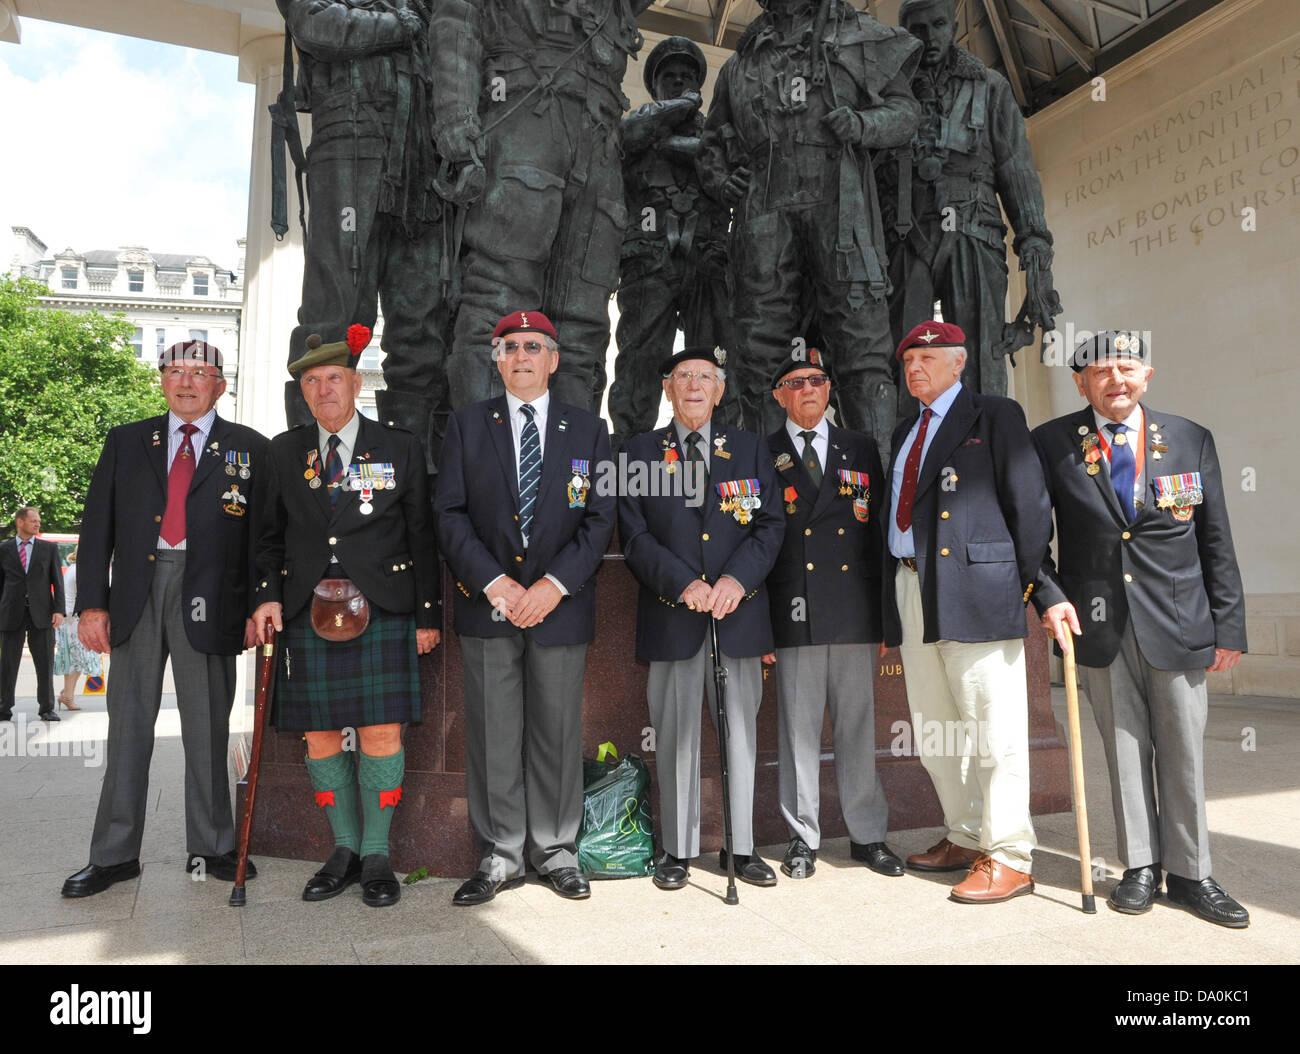 Green Park, London, UK. 30 juin 2013. Vieux camarades à l'événement commémoratif pour le Photo Stock